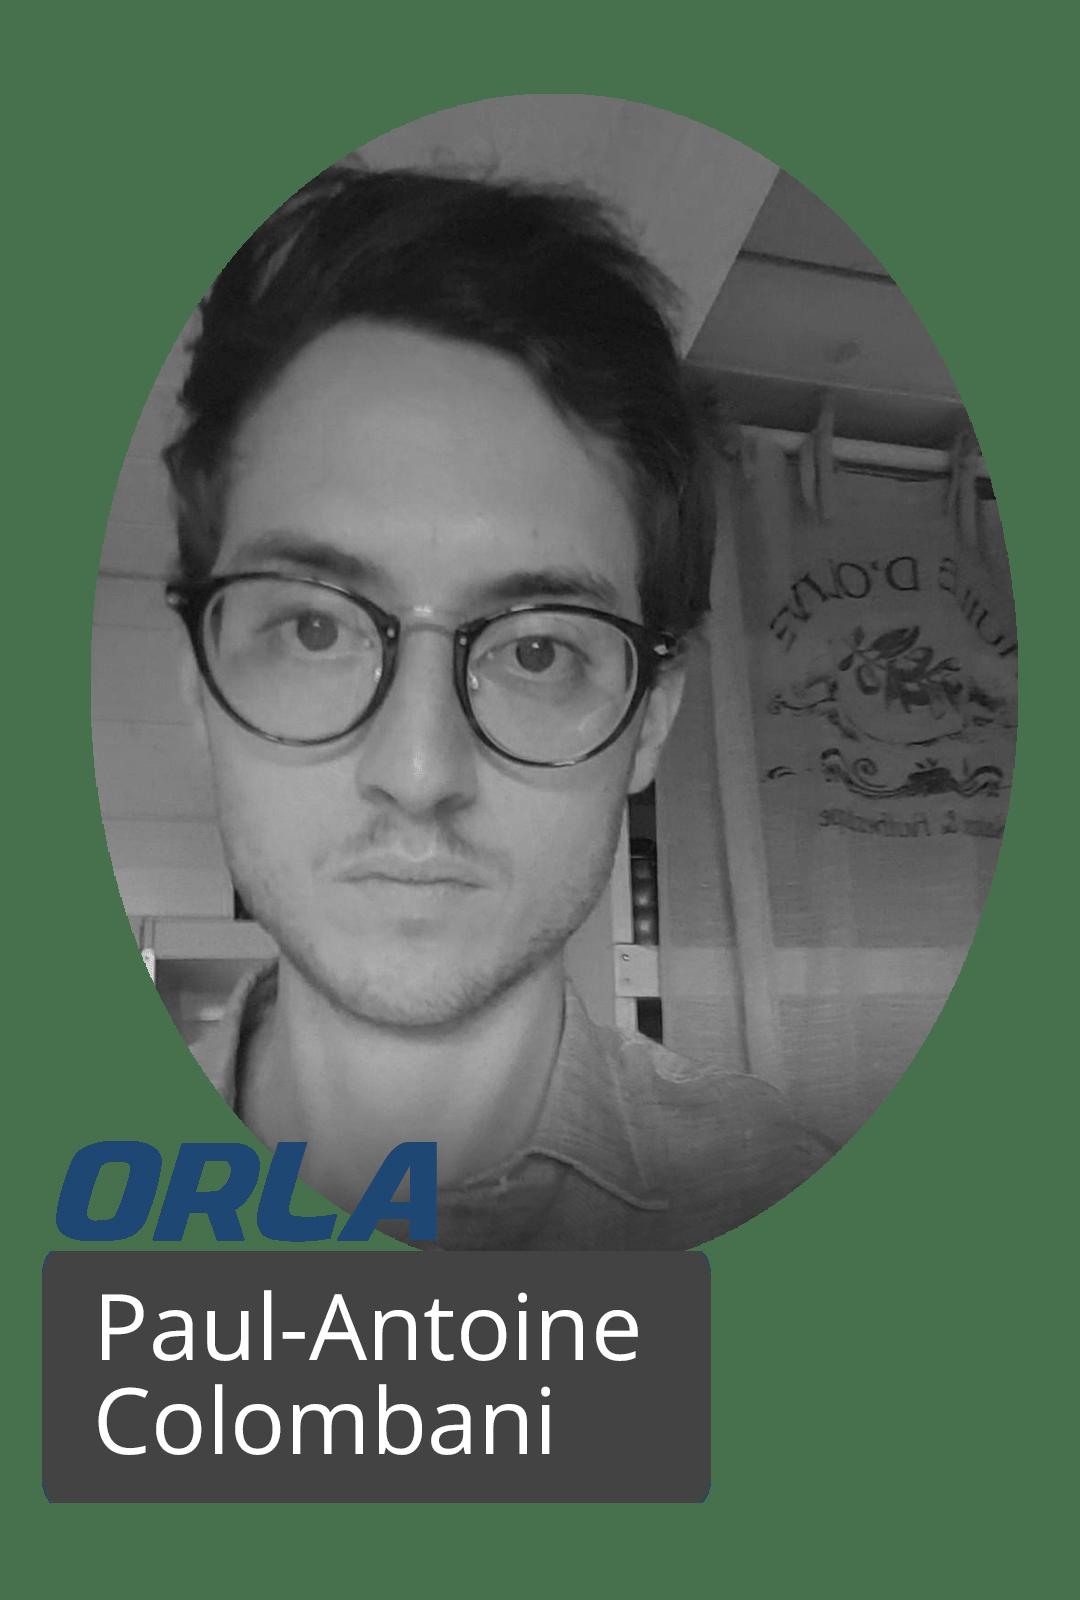 Page rédaction Vonguru Paul-Antoine